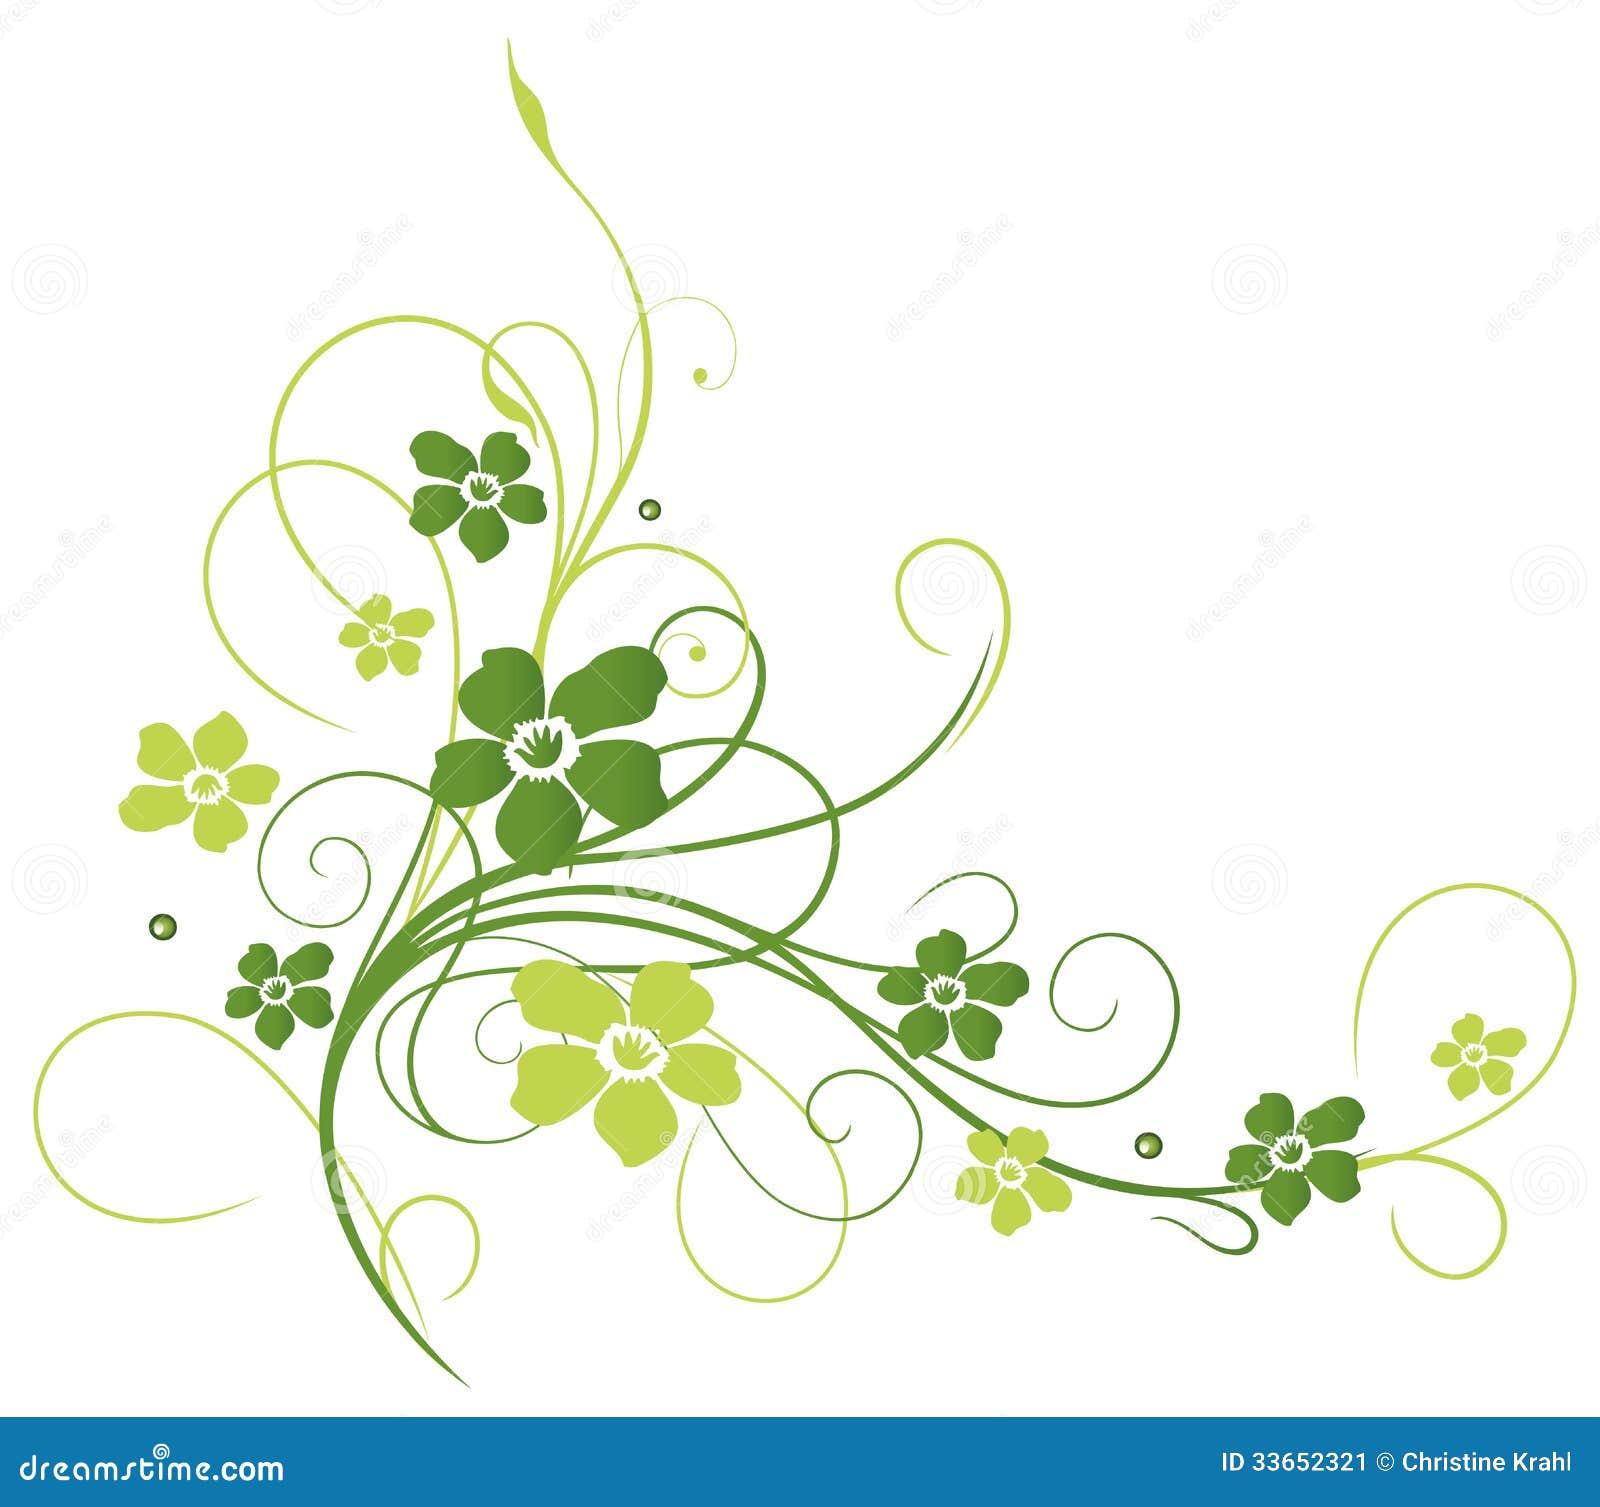 Fiori viticcio verde illustrazione vettoriale for Fiori verdi